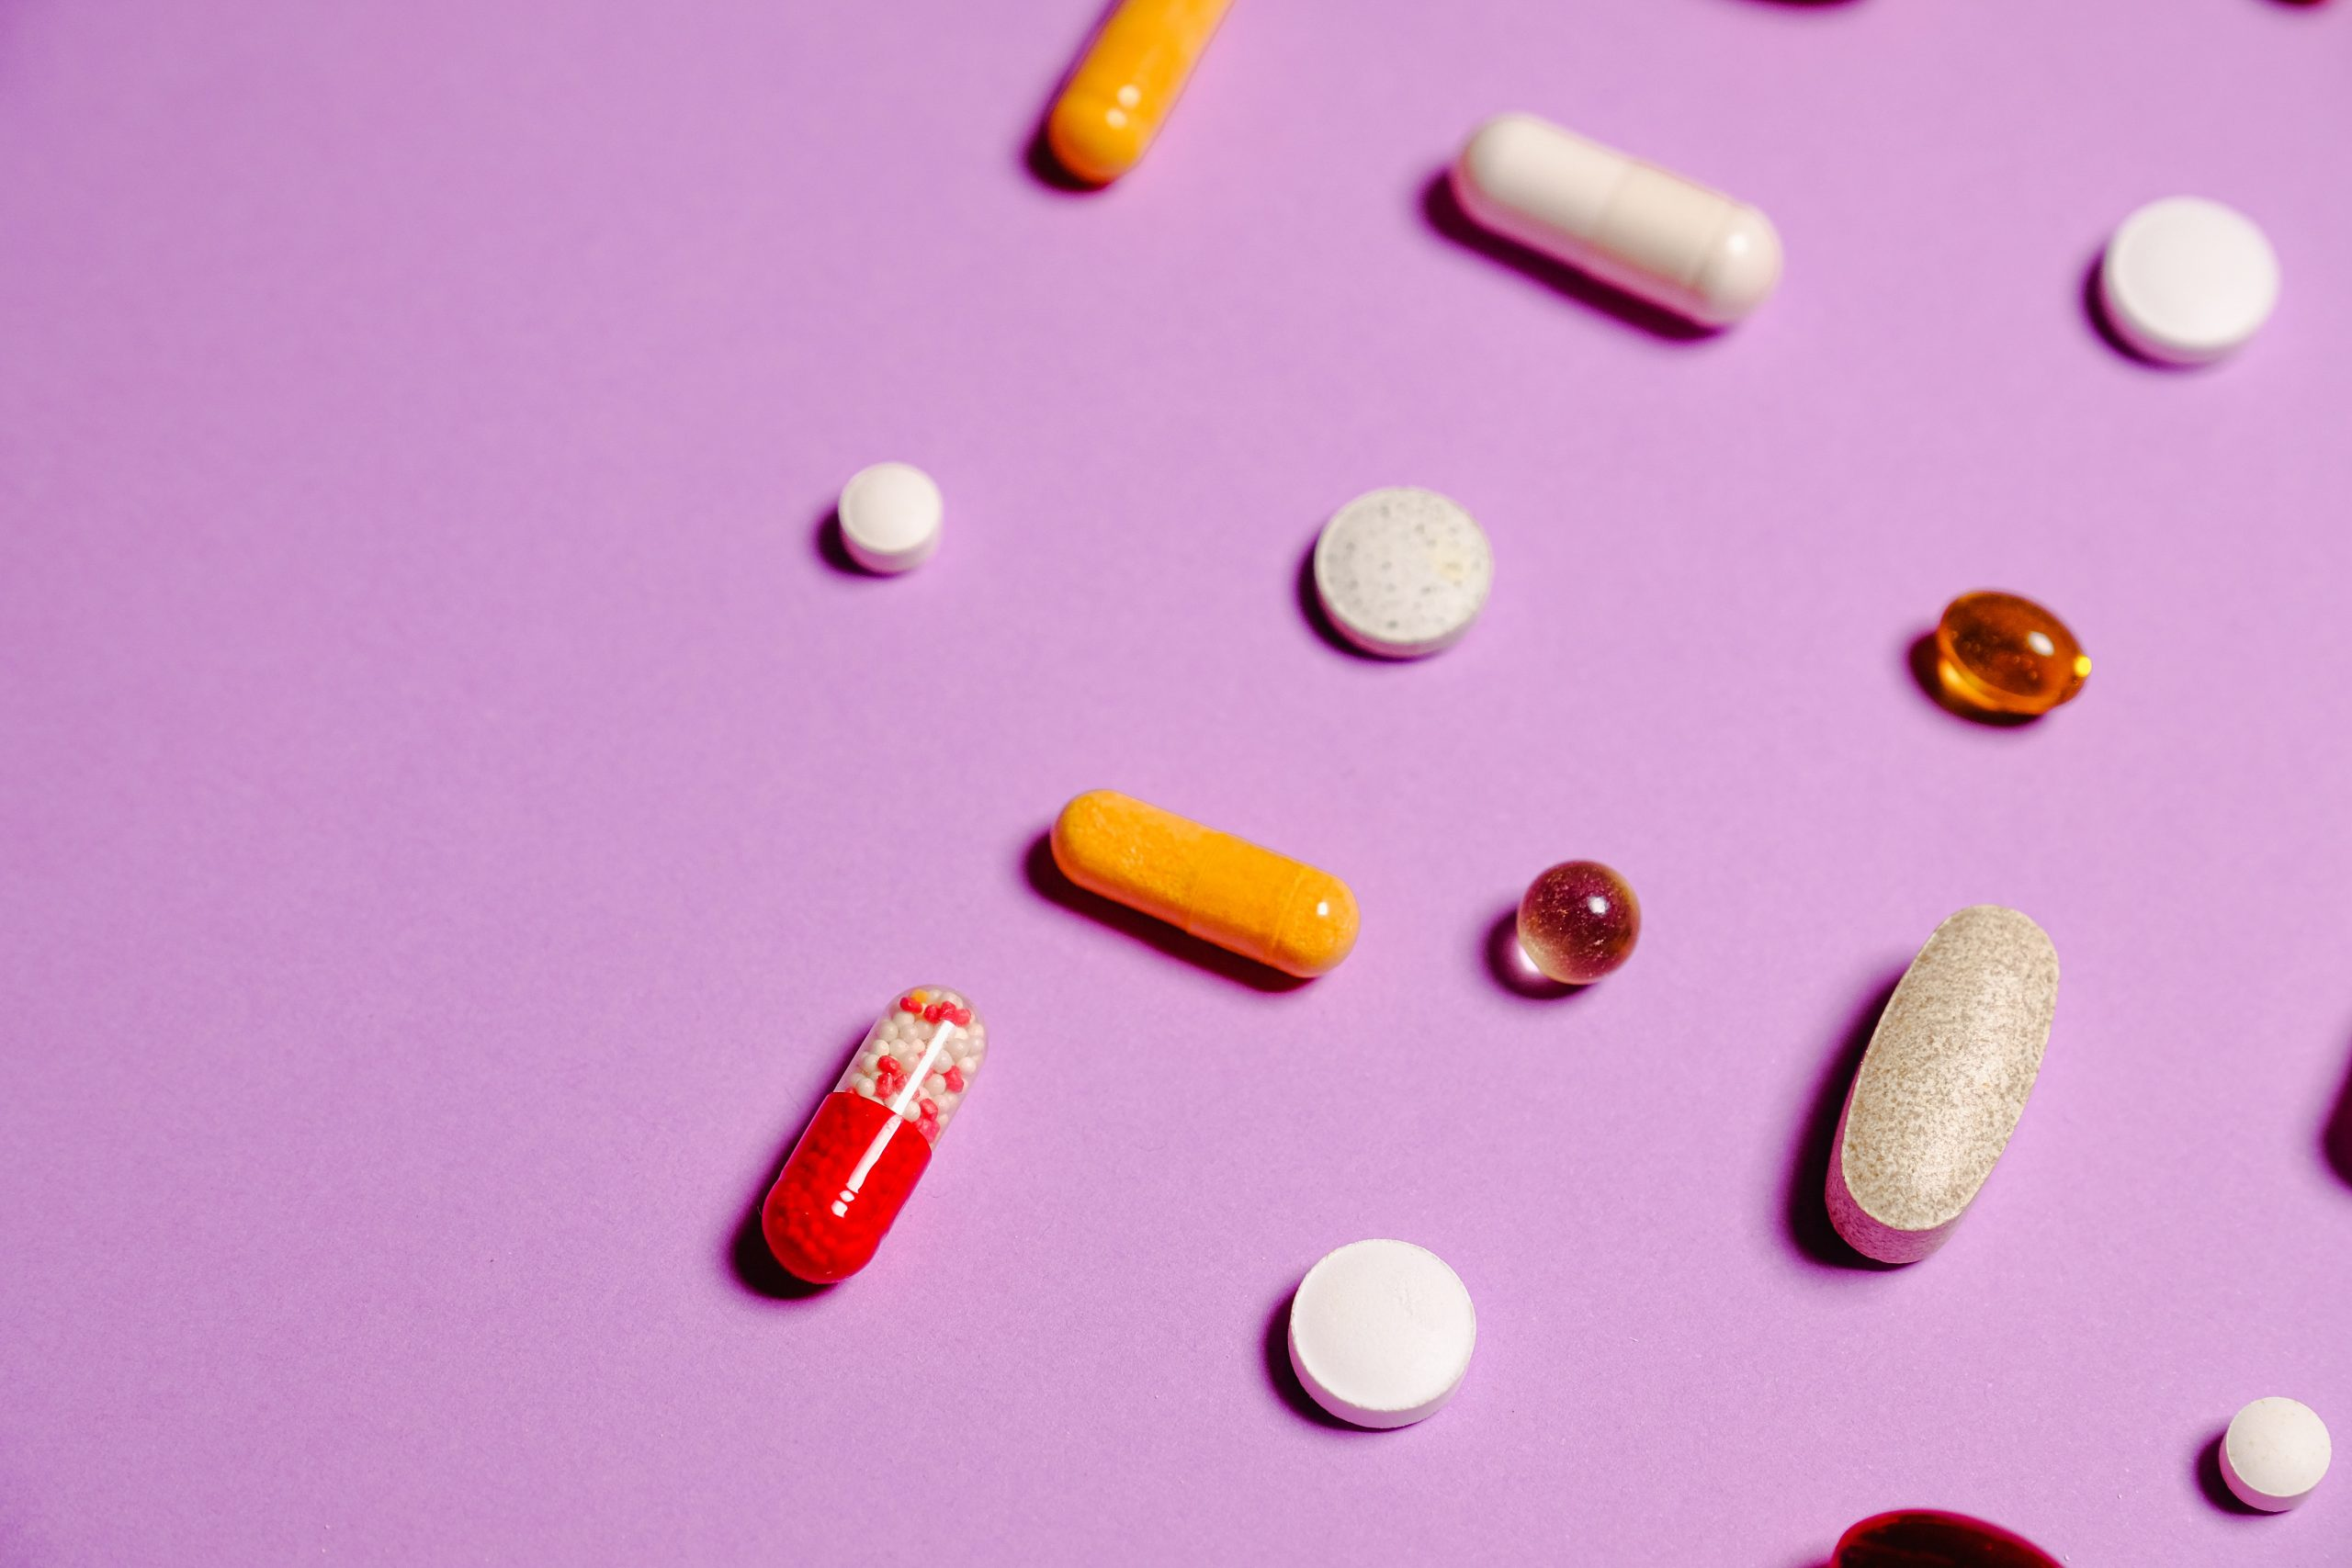 Dažniausios vitaminų vartojimo klaidos